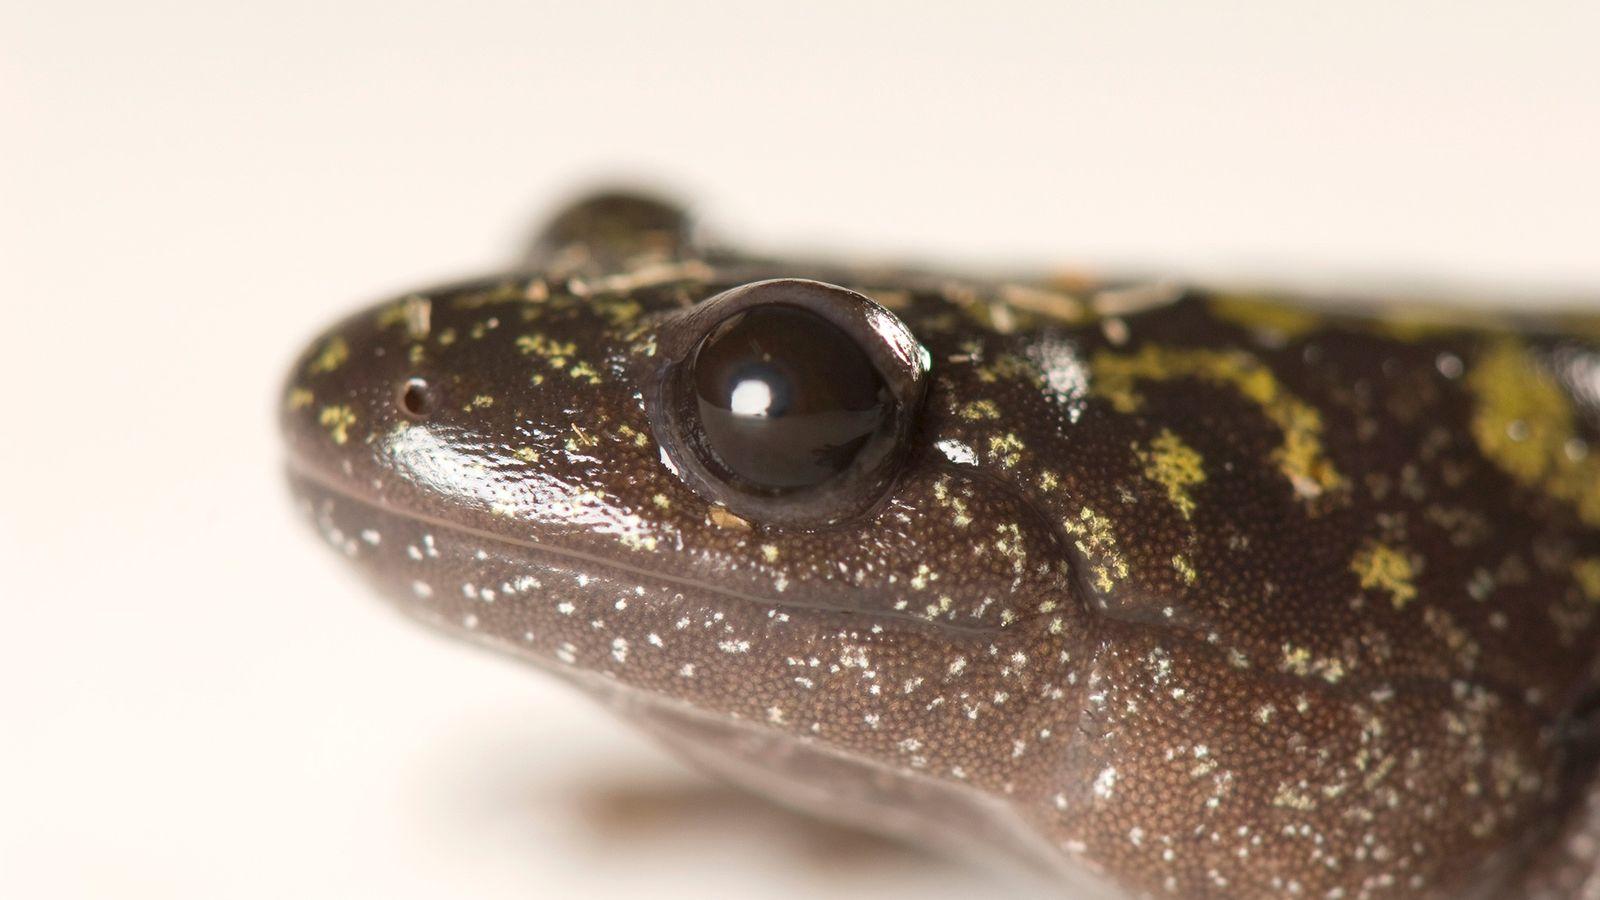 Uma salamandra-de-dedos-largos adulta (Ambystoma macrodactylum) fotografada no Condado de Deschutes, em Oregon. Em seu estágio de ...